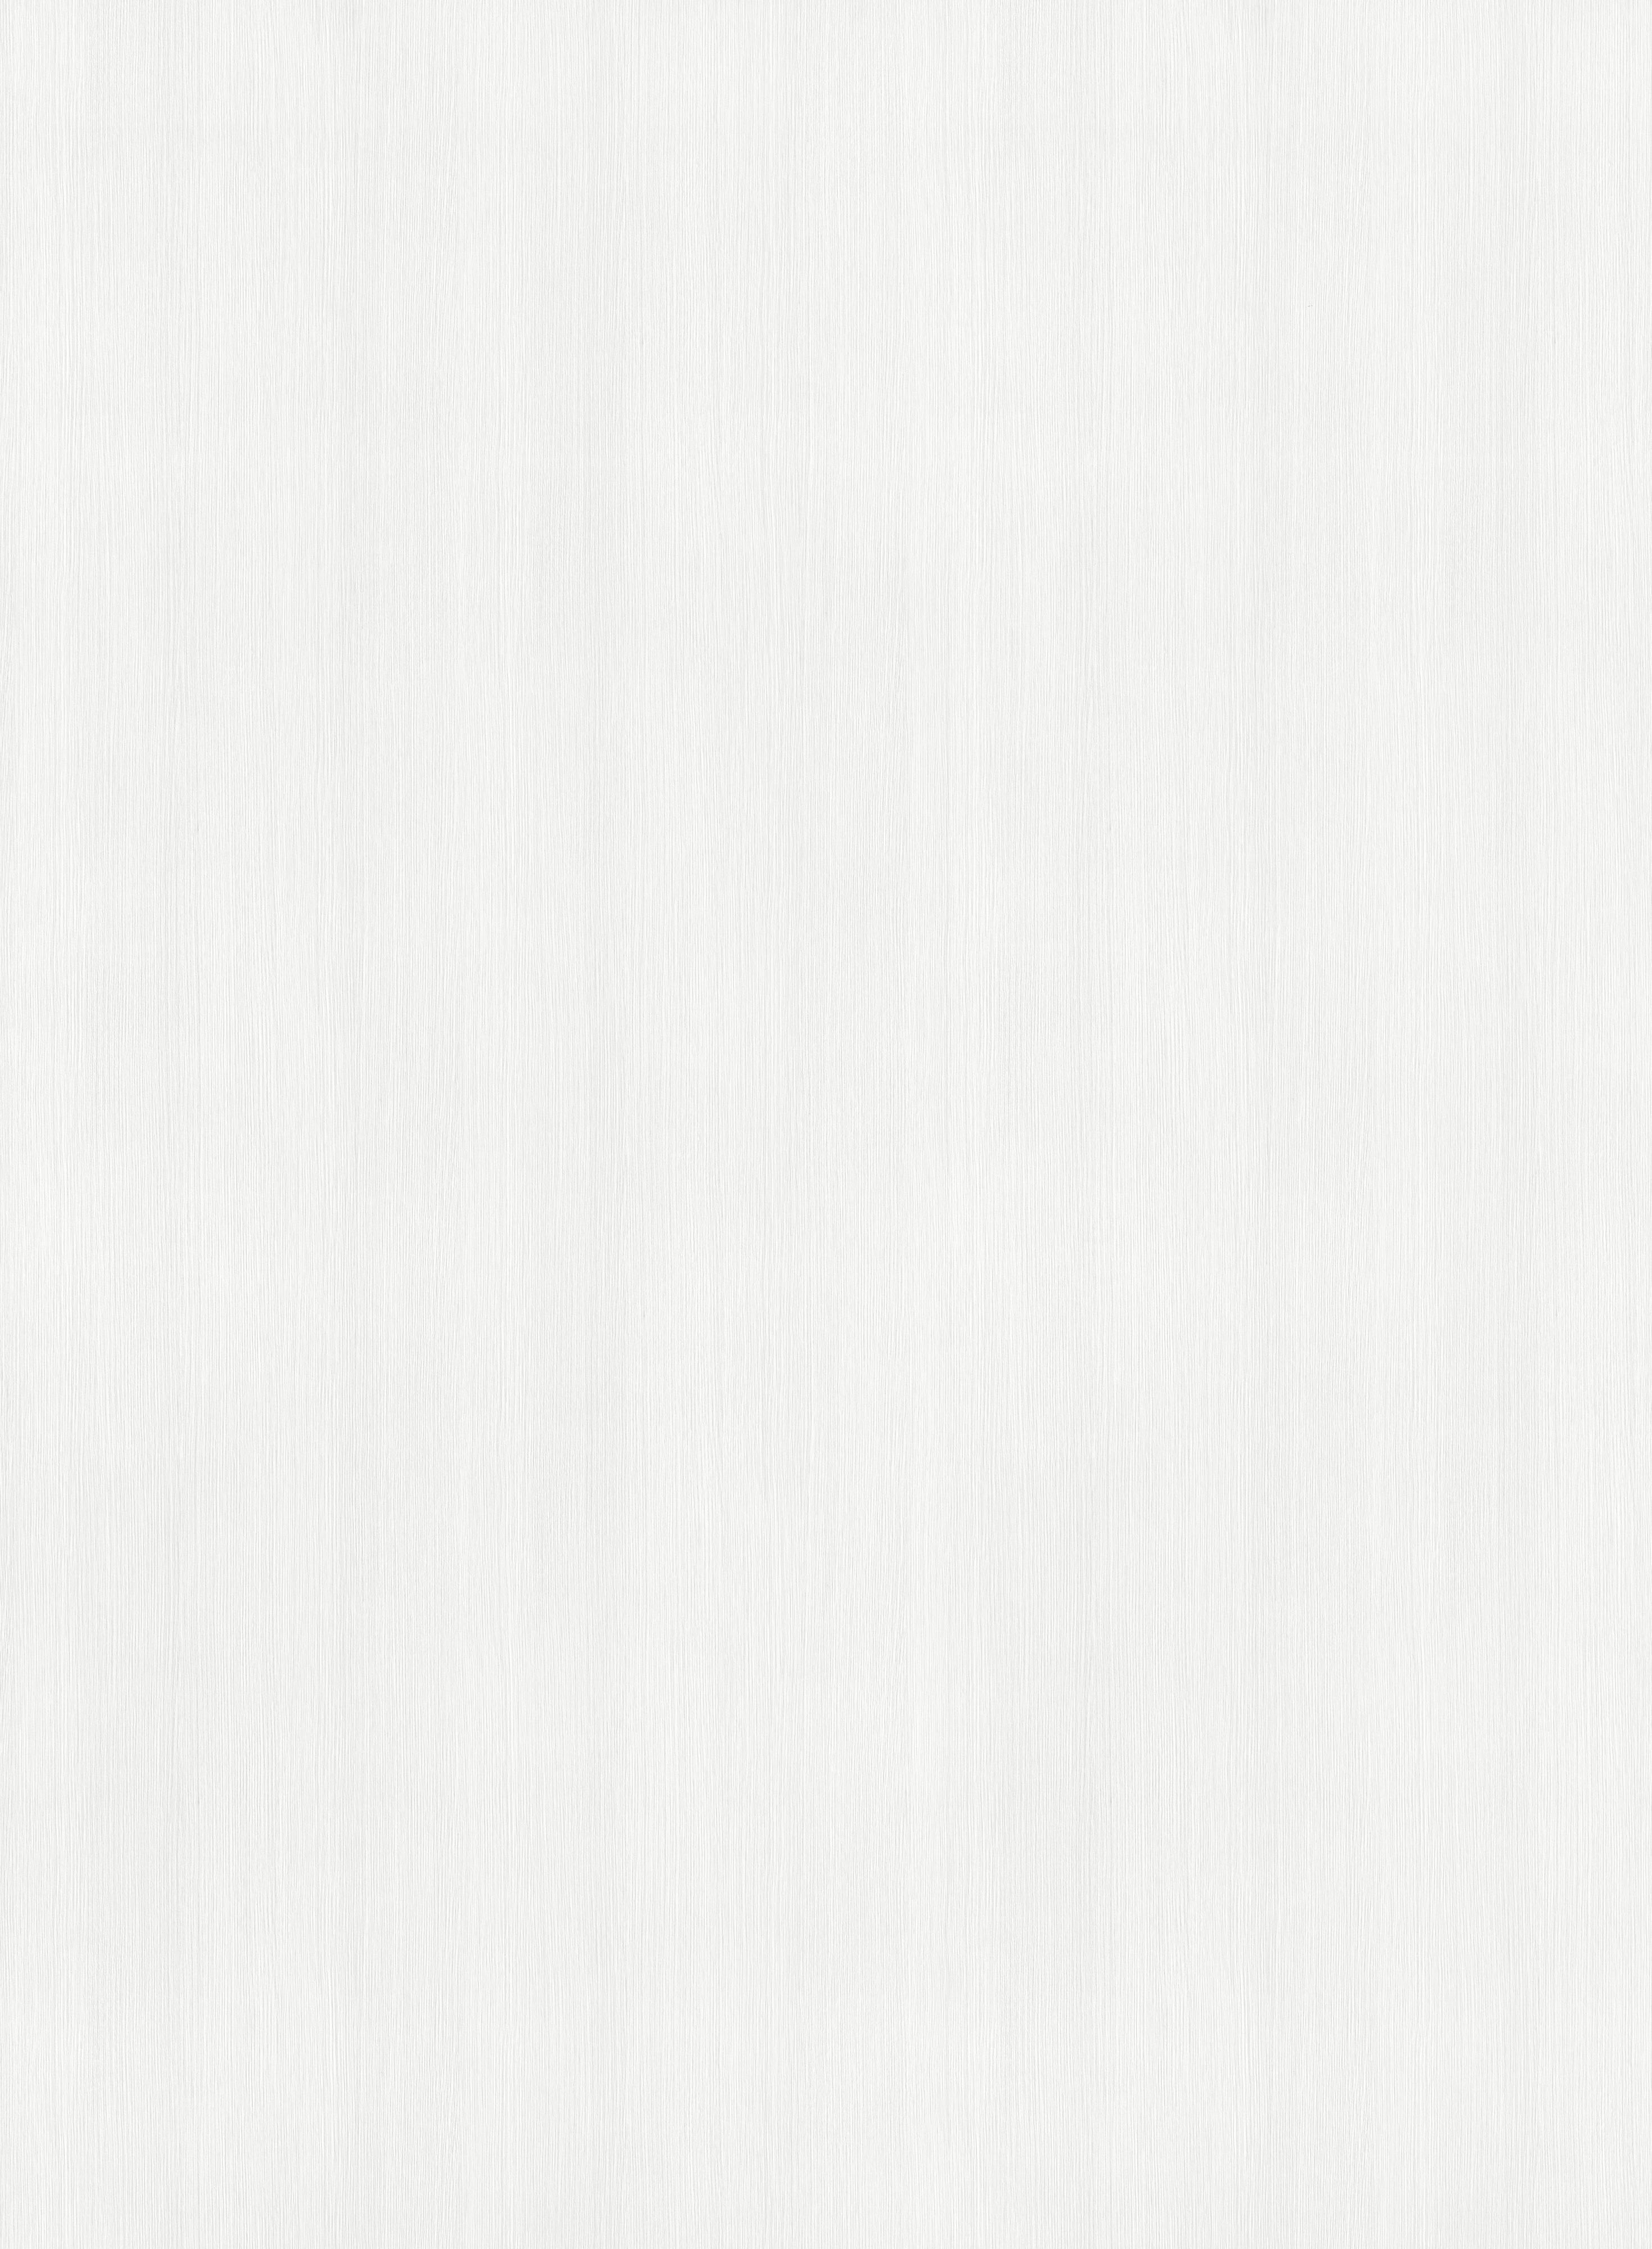 DecoLegno B011 Matrix - hele plaat 2070x2800 mm / Tekenprogramma